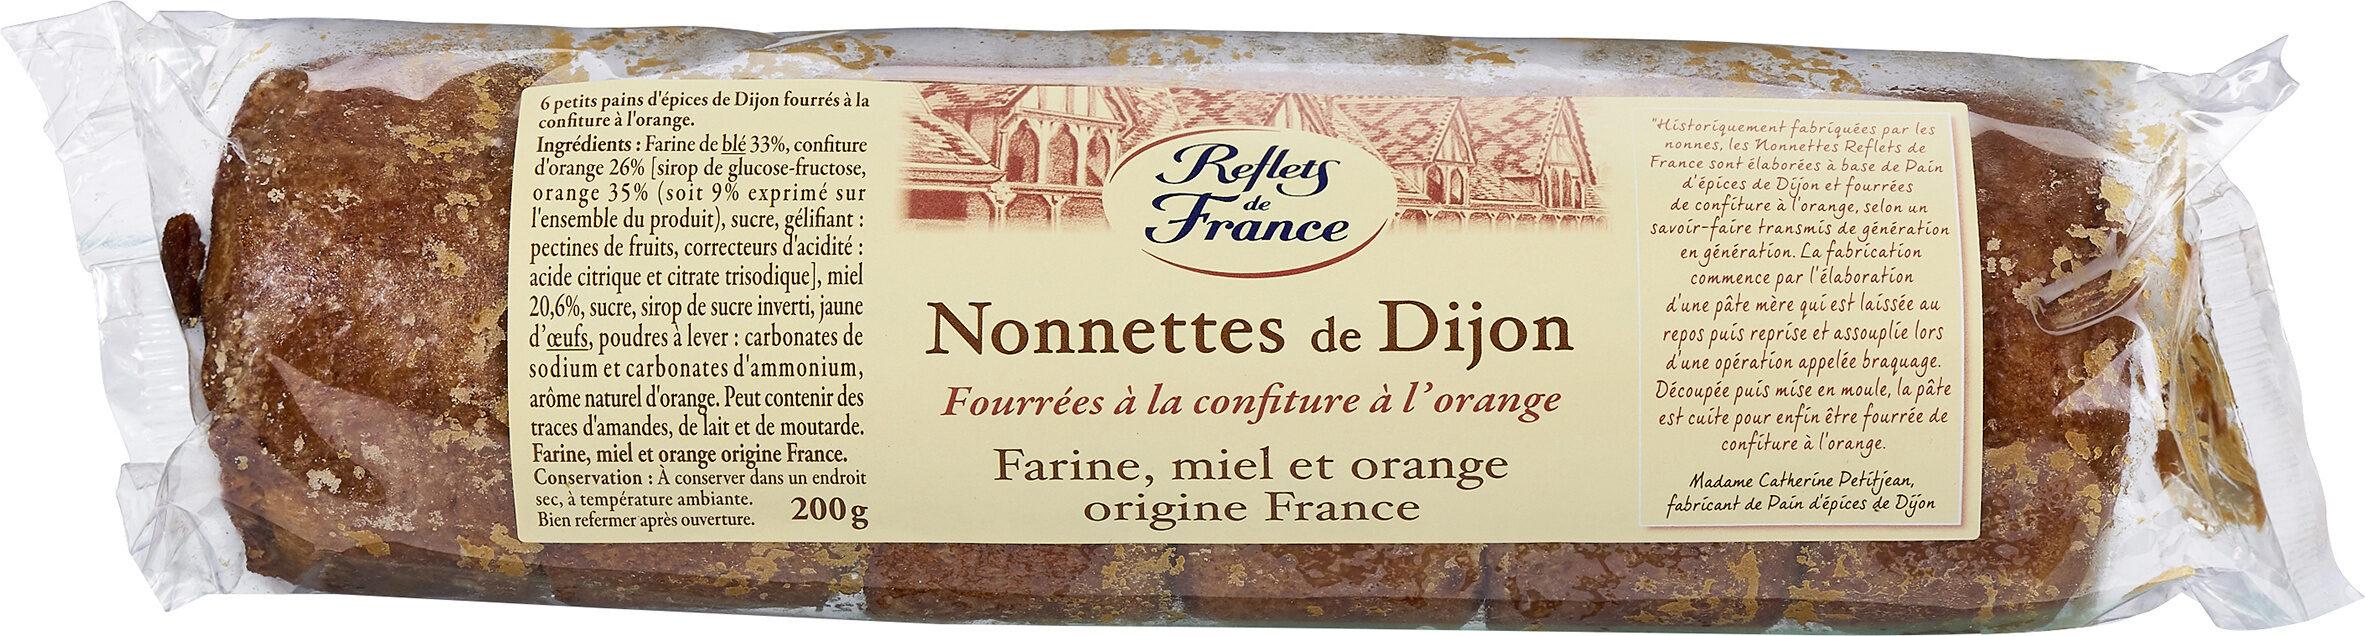 Nonnettes de Dijon Fourrées à la Confiture d'Orange - Prodotto - fr